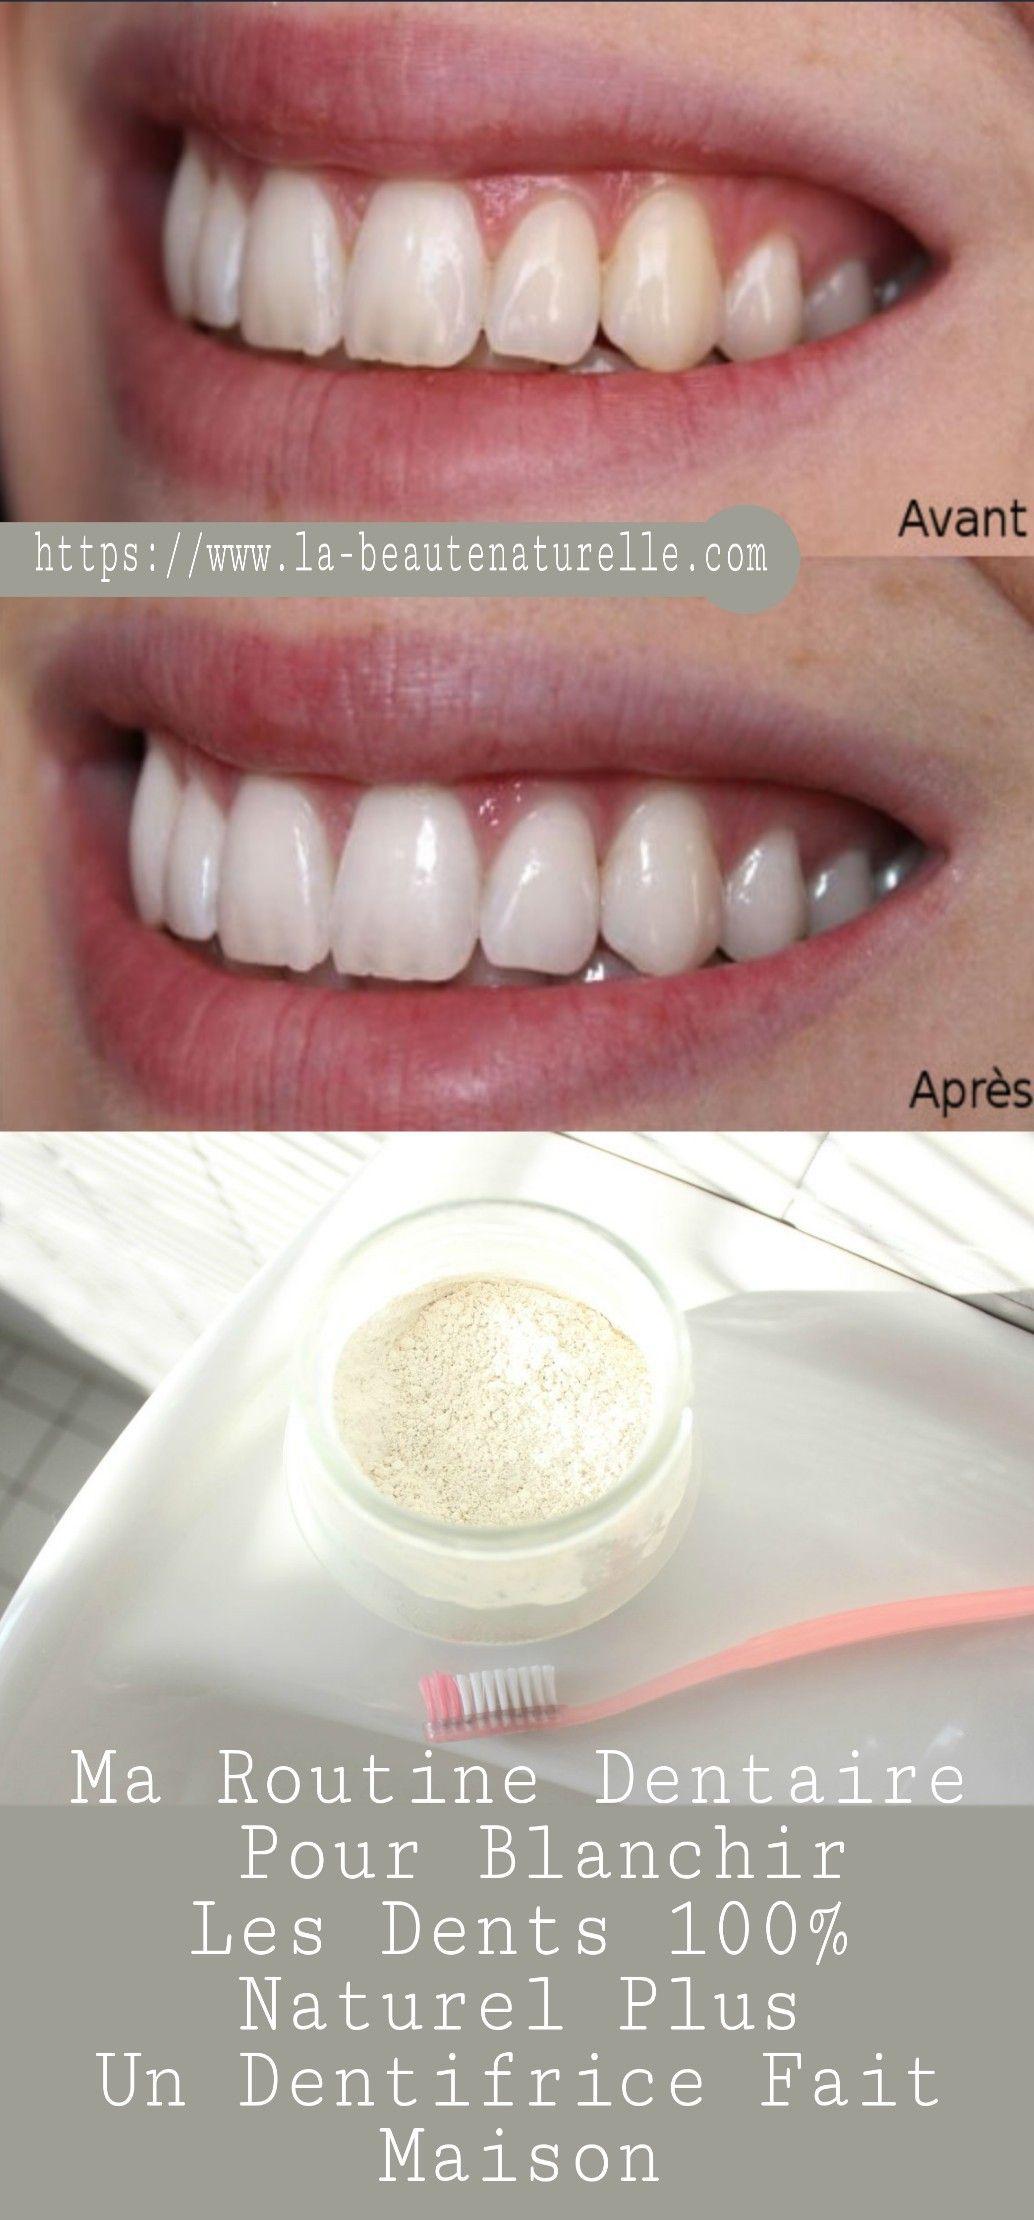 ma routine dentaire pour blanchir les dents 100 naturel plus un dentifrice fait maison health